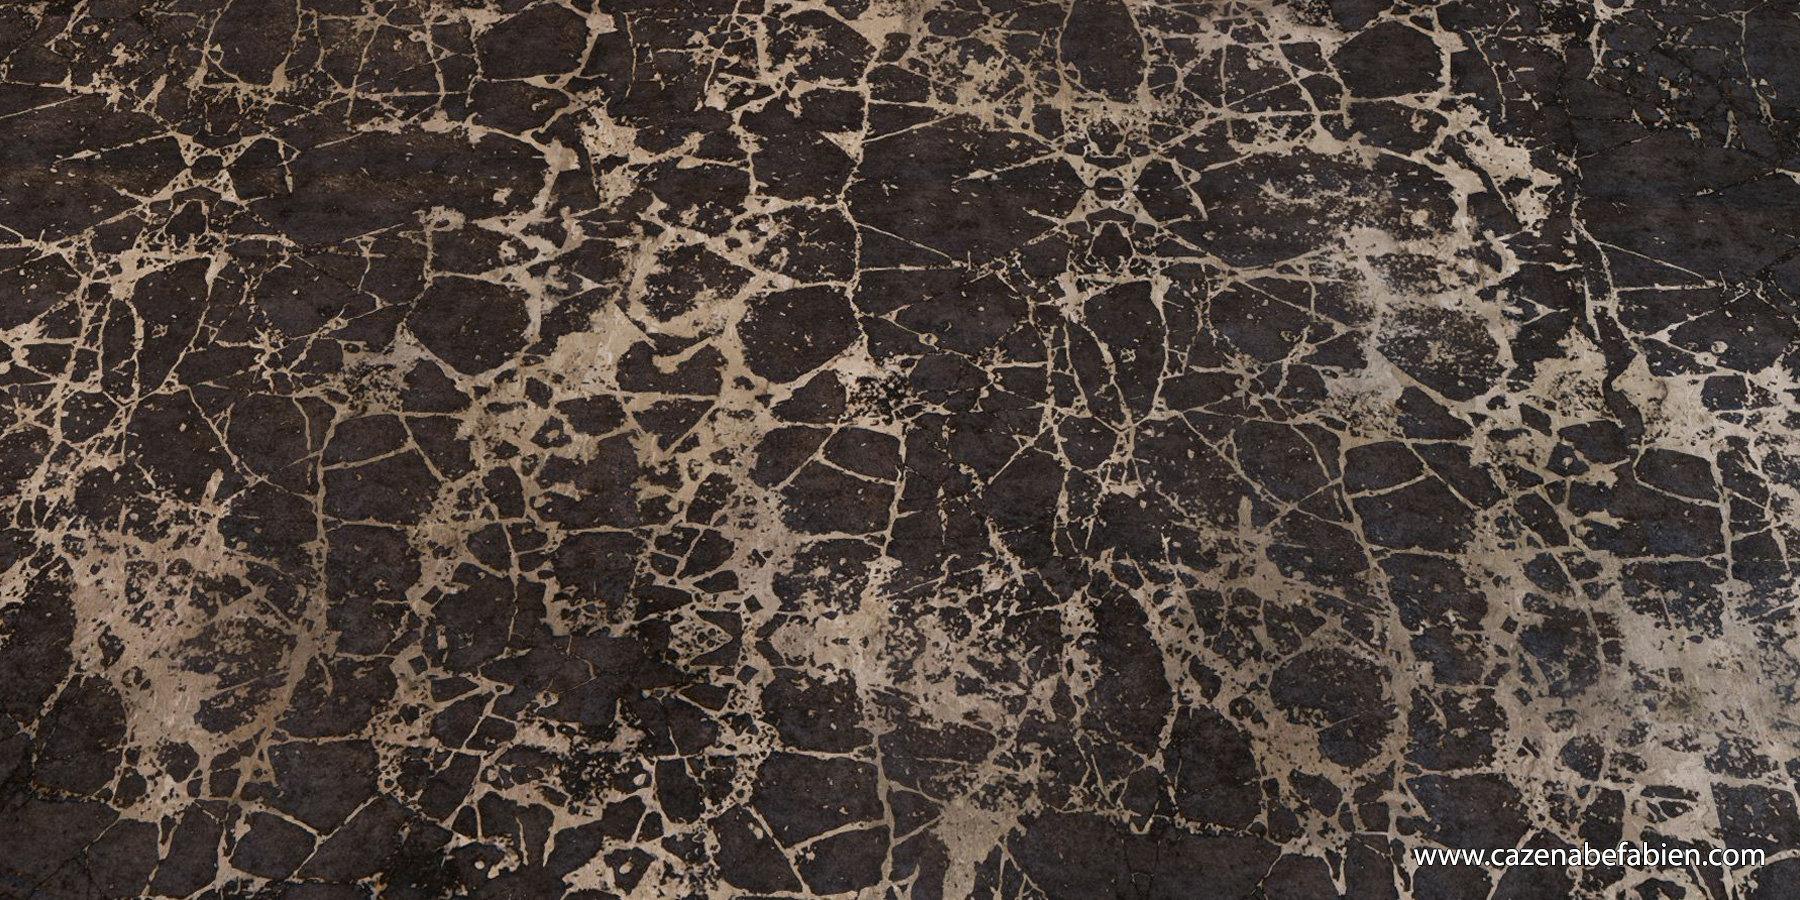 Fabien cazenabe concretecrack b 01